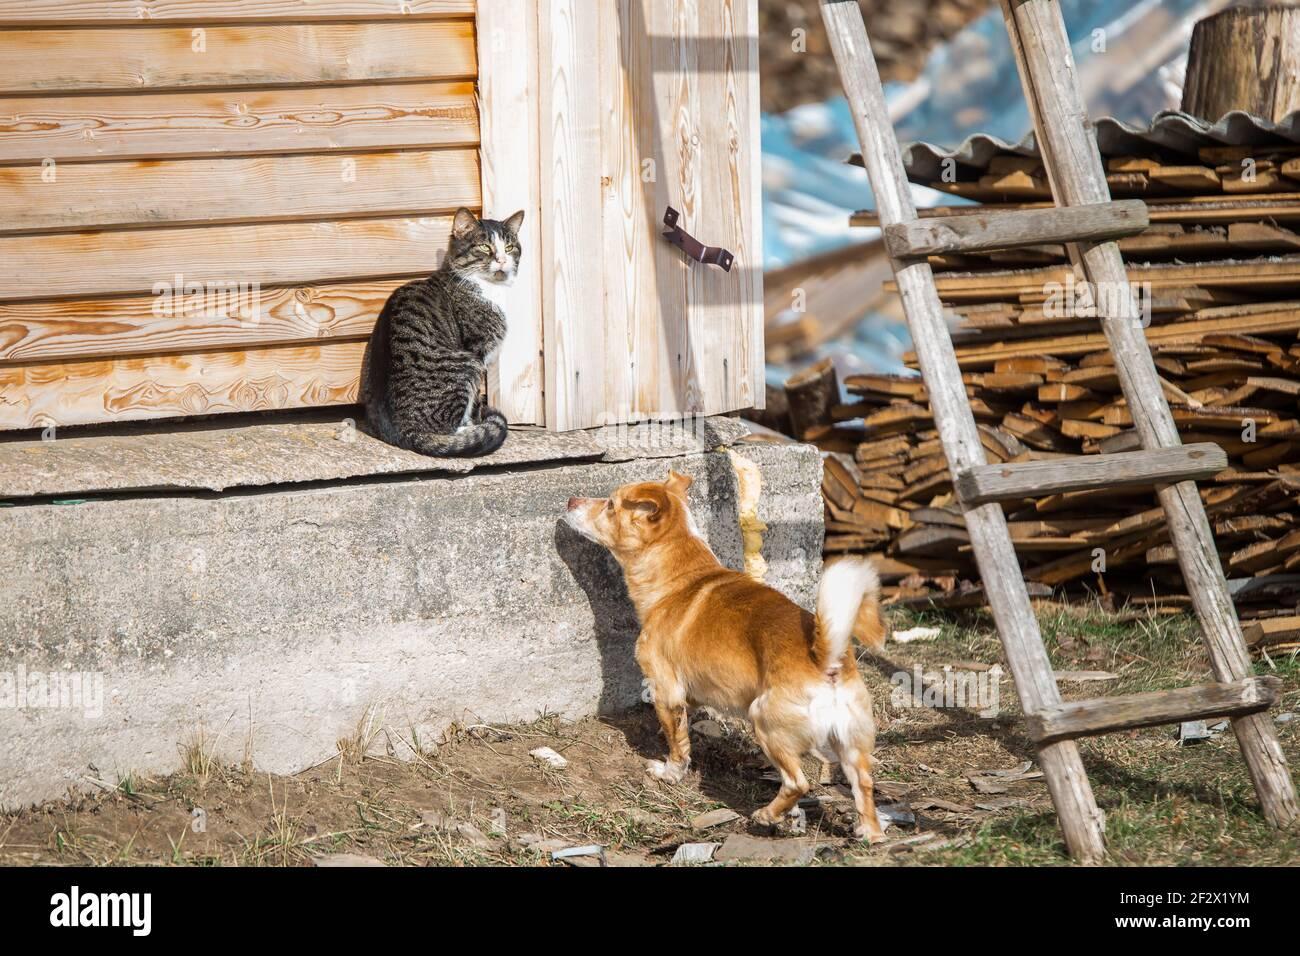 Une belle photo d'un chat et d'un chien moelleux jouant par temps ensoleillé Banque D'Images